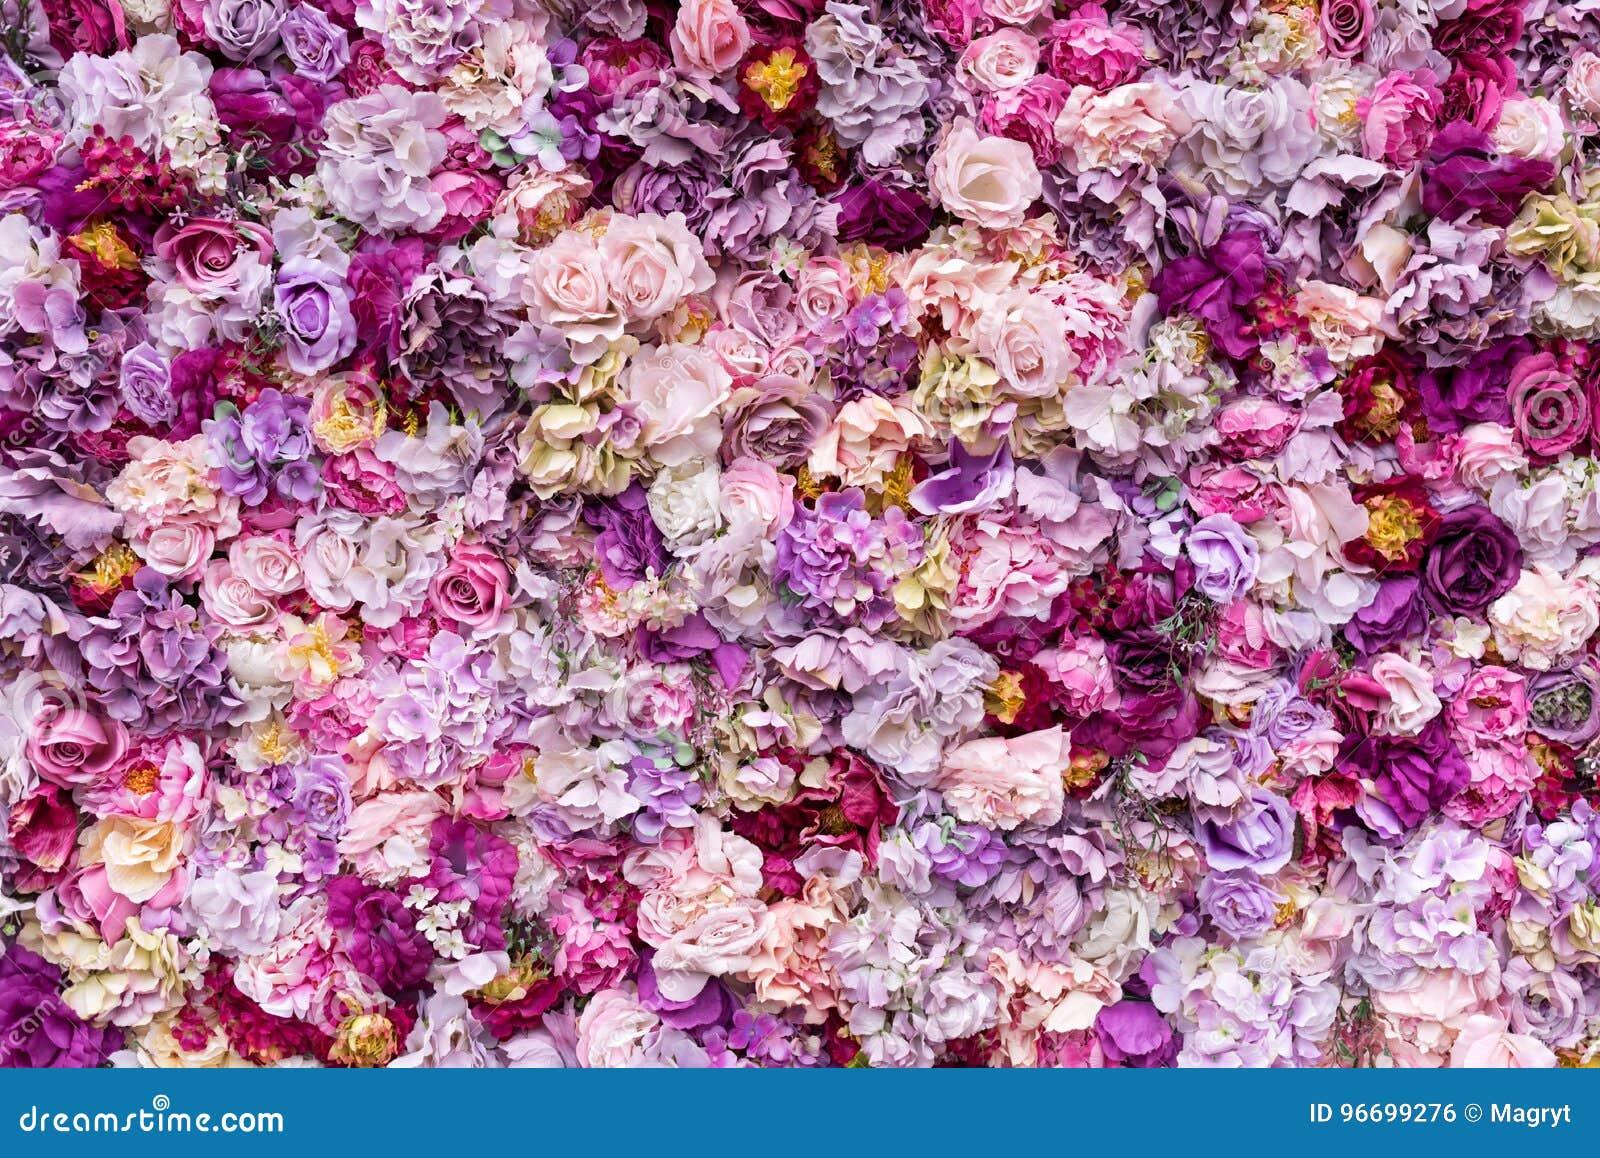 Fondo de la textura de la flor para casarse escena Rosas, peonías y hortensias, flores artificiales en la pared